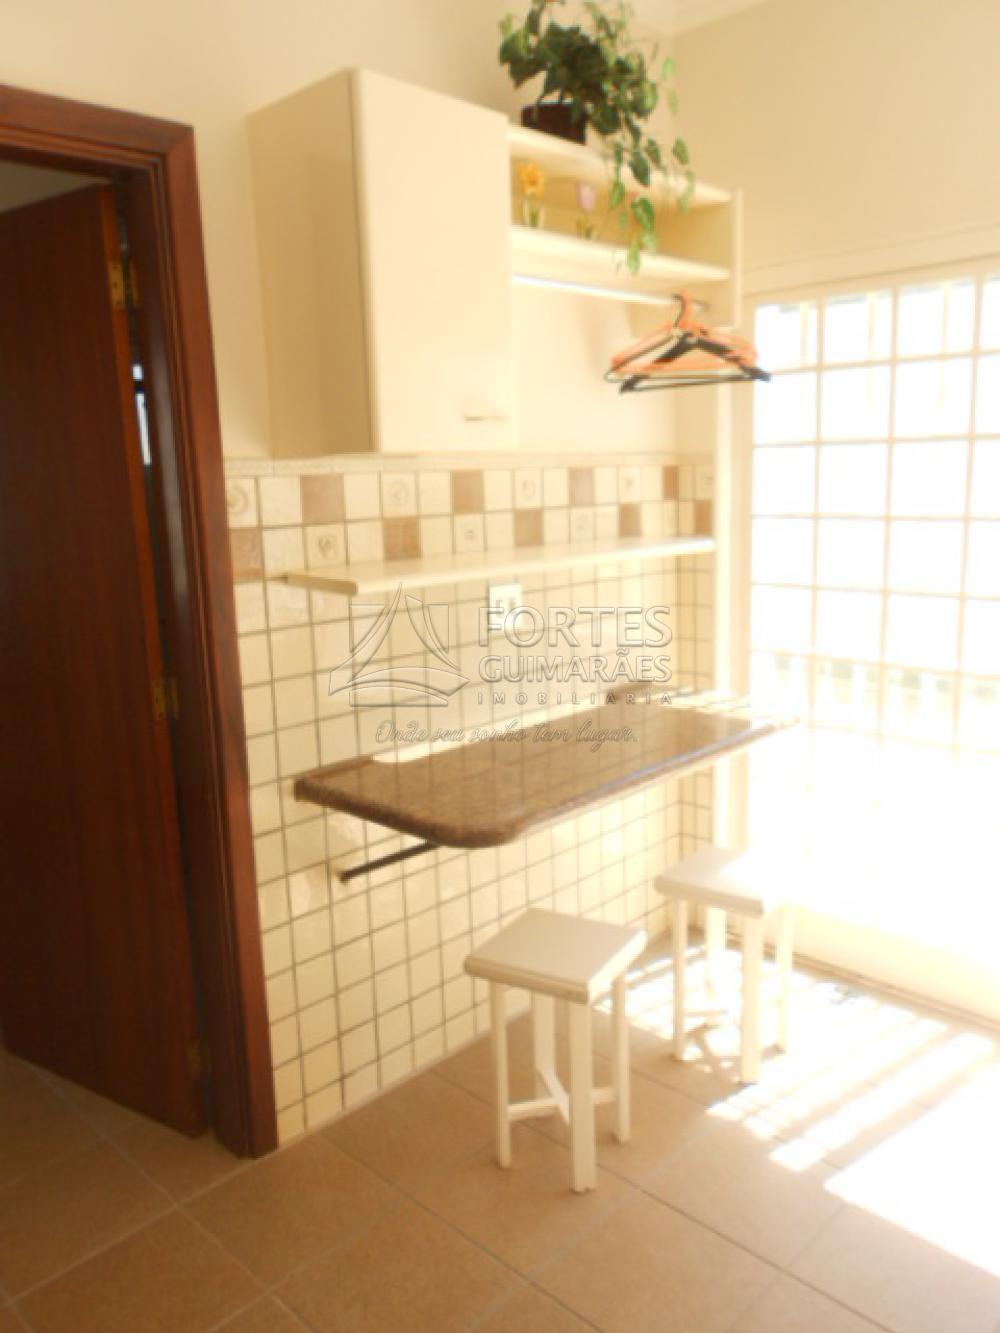 Alugar Casas / Padrão em Ribeirão Preto apenas R$ 6.000,00 - Foto 97